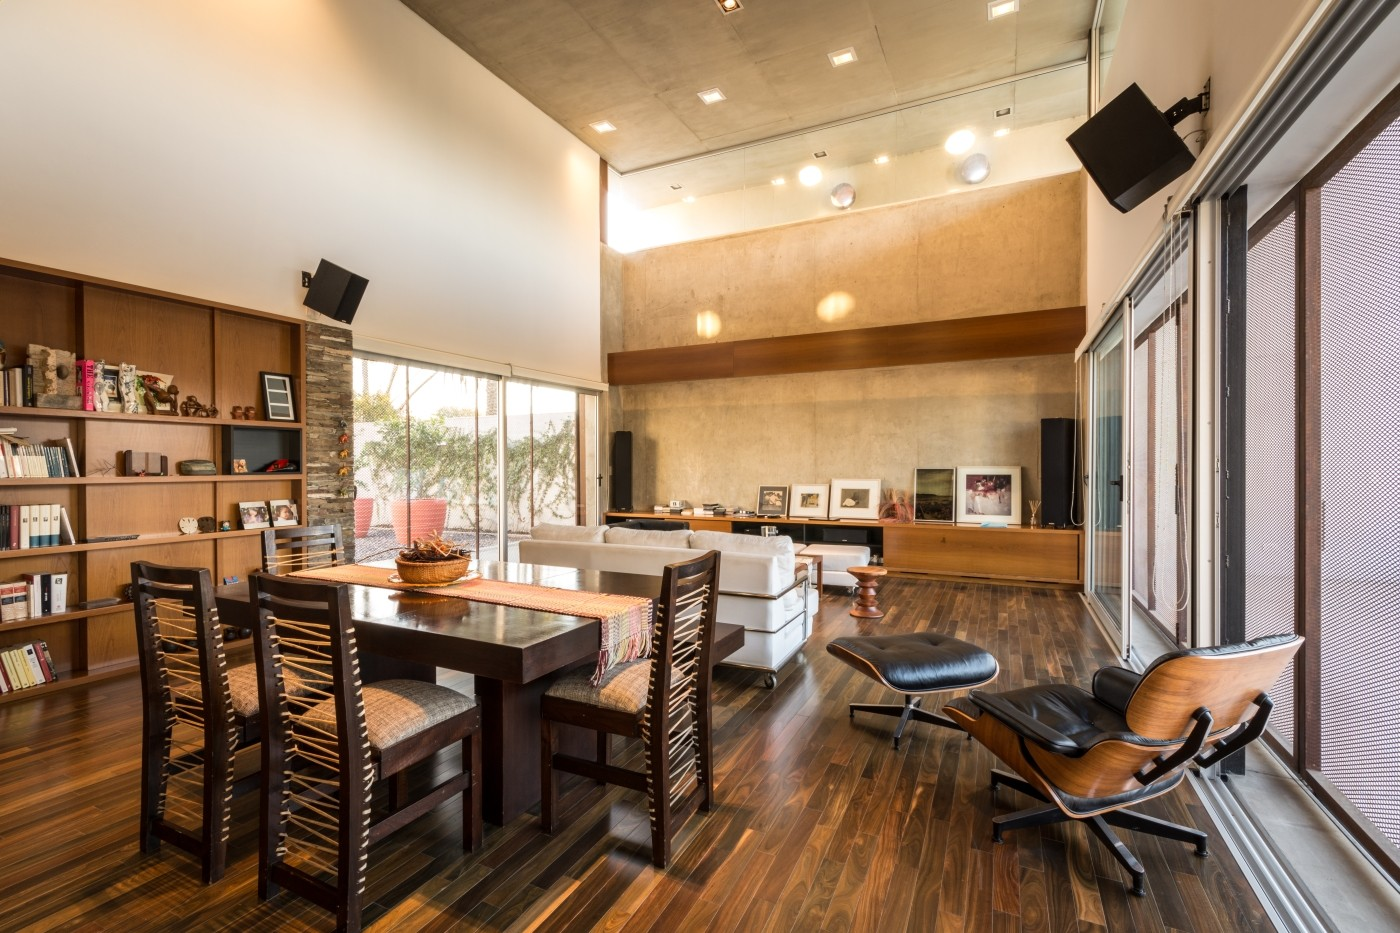 Galer a de casa en villa belgrano fkb arquitectos 36 for Casa minimalista 80 metros